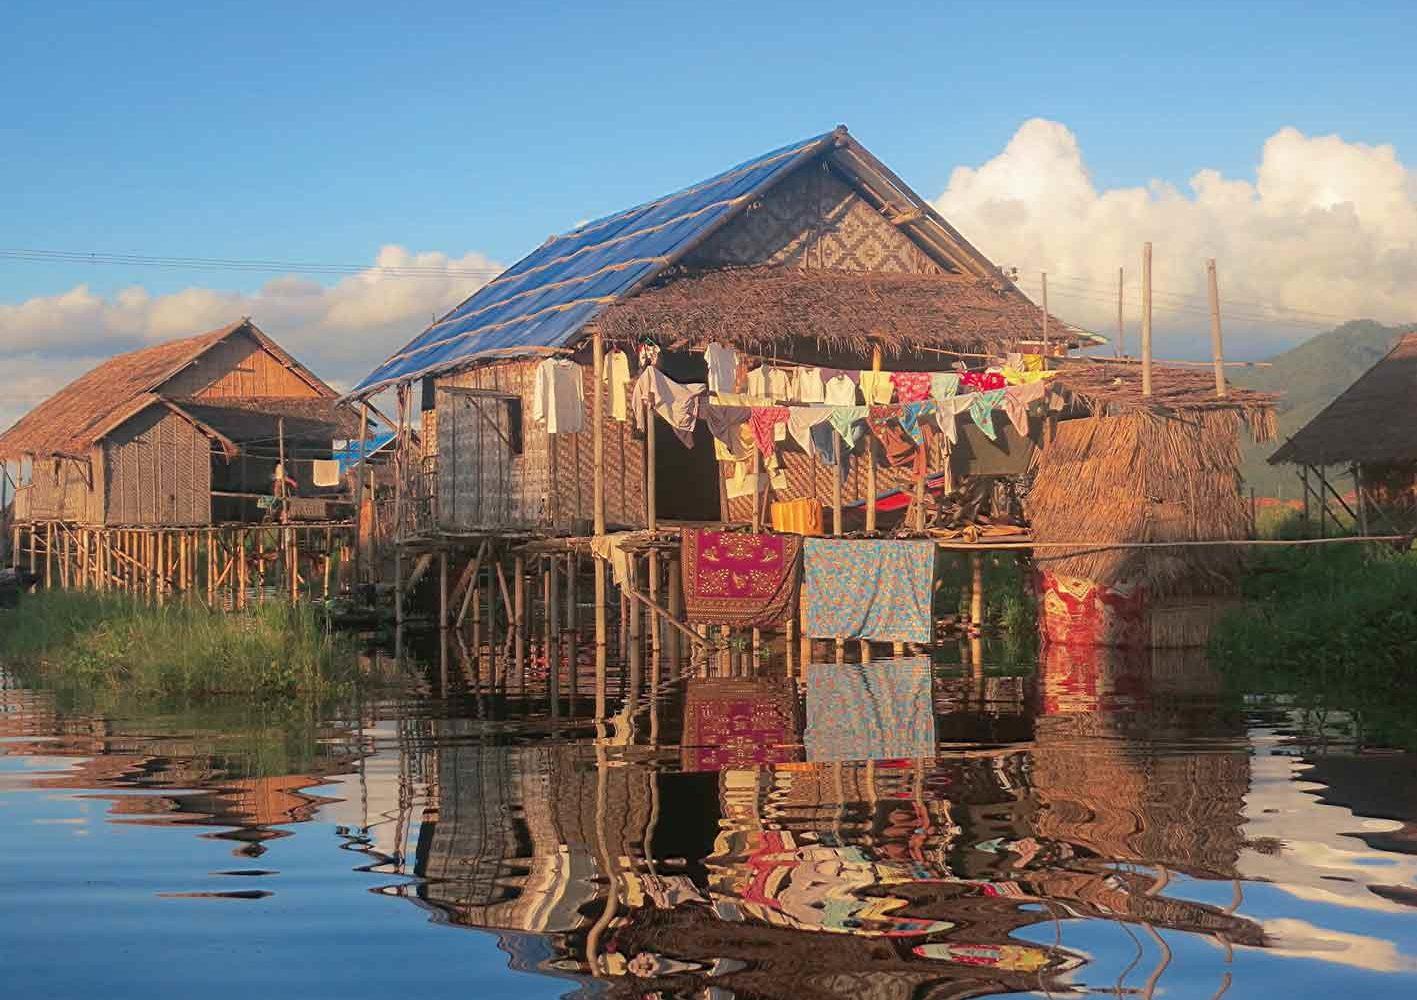 Häuser auf Stelzen im Inle-See, Myanmar